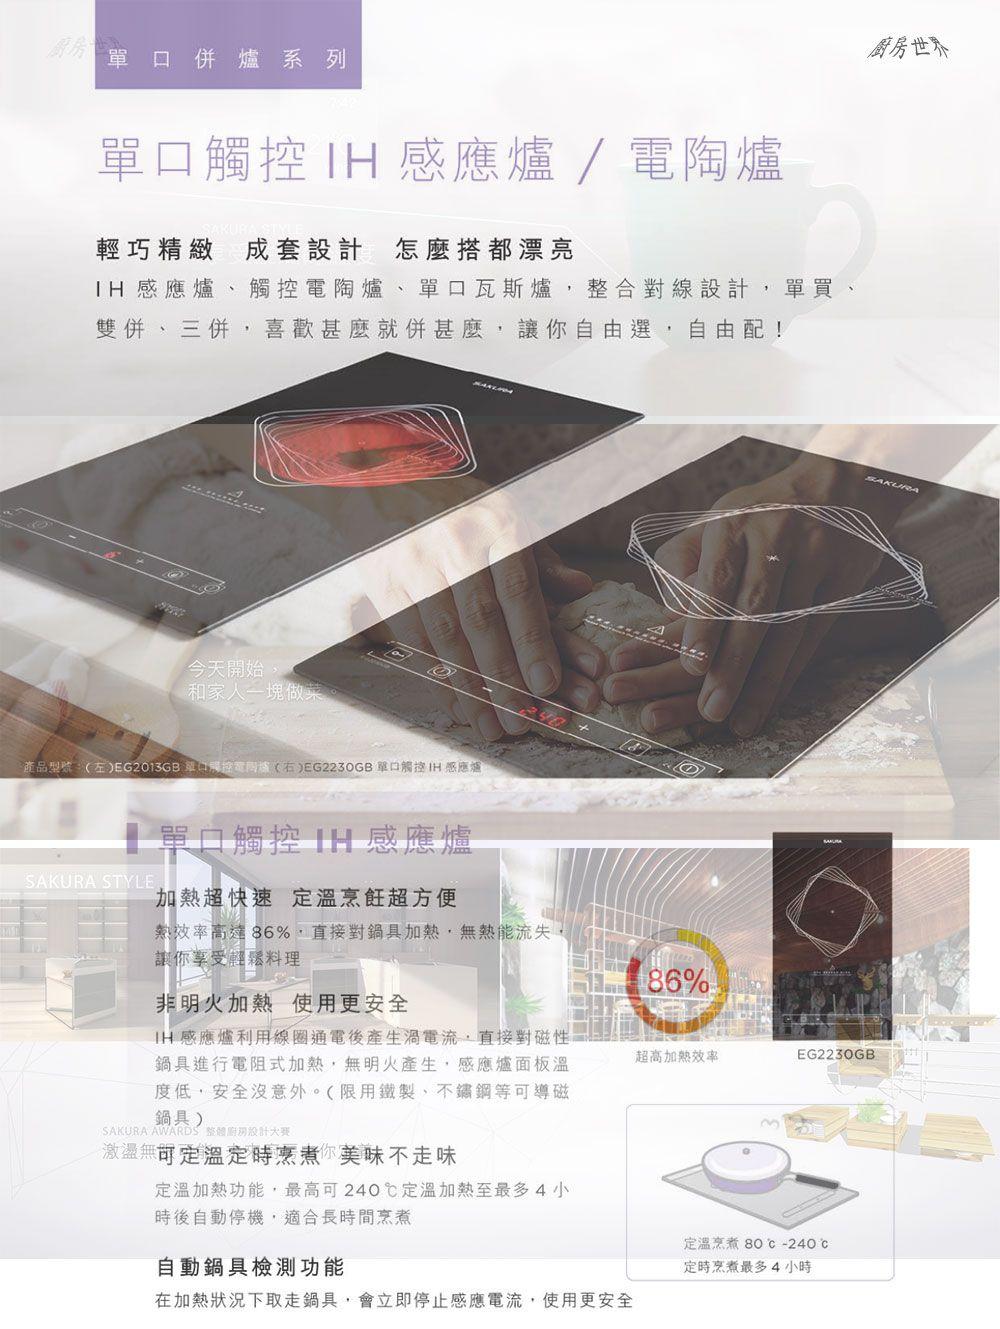 PK/goods/HOB/EG2230GB-DM-1.jpg